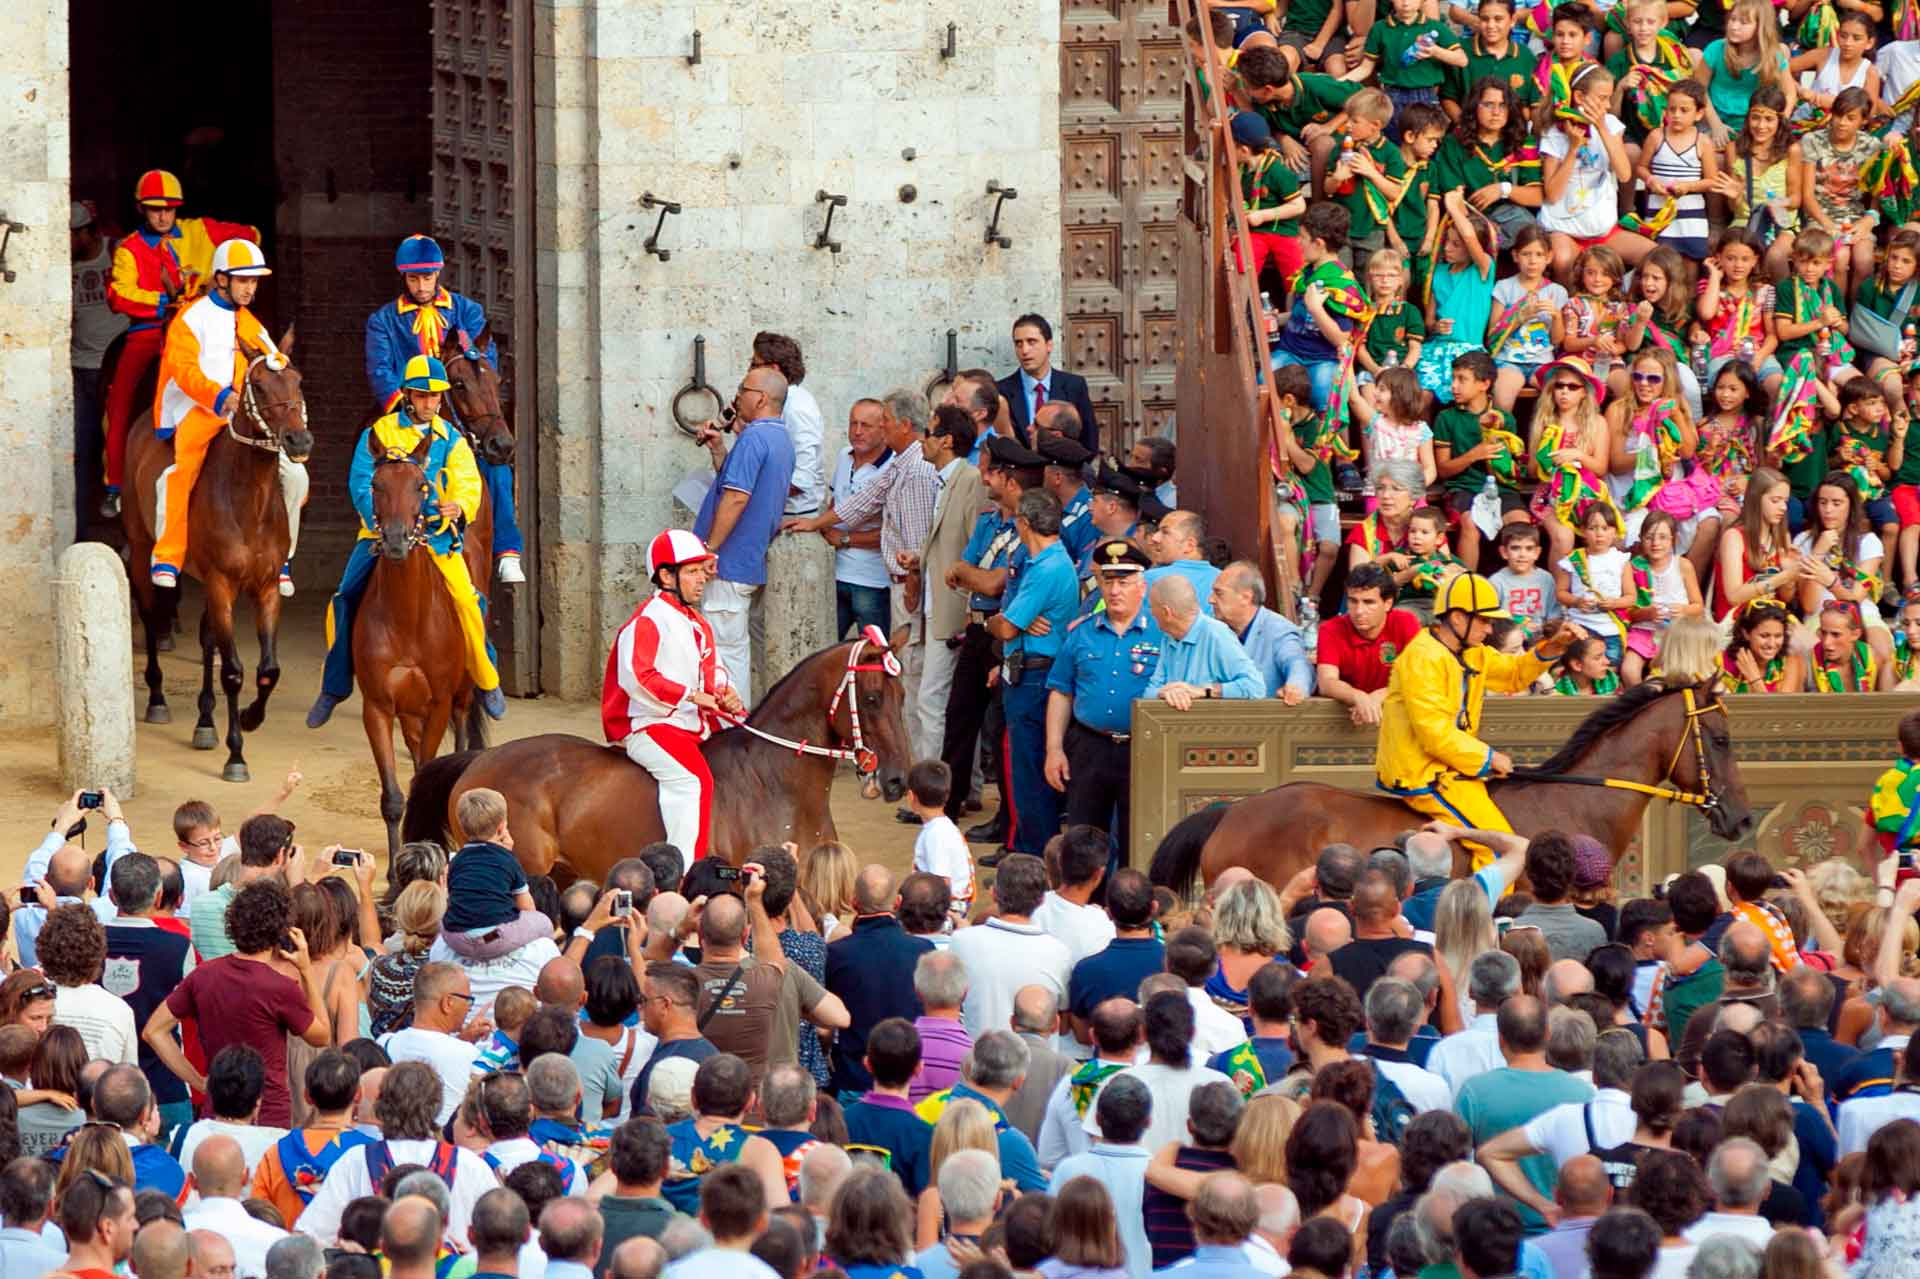 LA PRIMA PROVA - L'uscita dei cavalli, montati dai fantini delle dieci contrade, dal Cortile del Podestà è annunciata alla Piazza, per ogni singola prova, da un rullo di tamburo e dallo scoppio di un mortaretto.